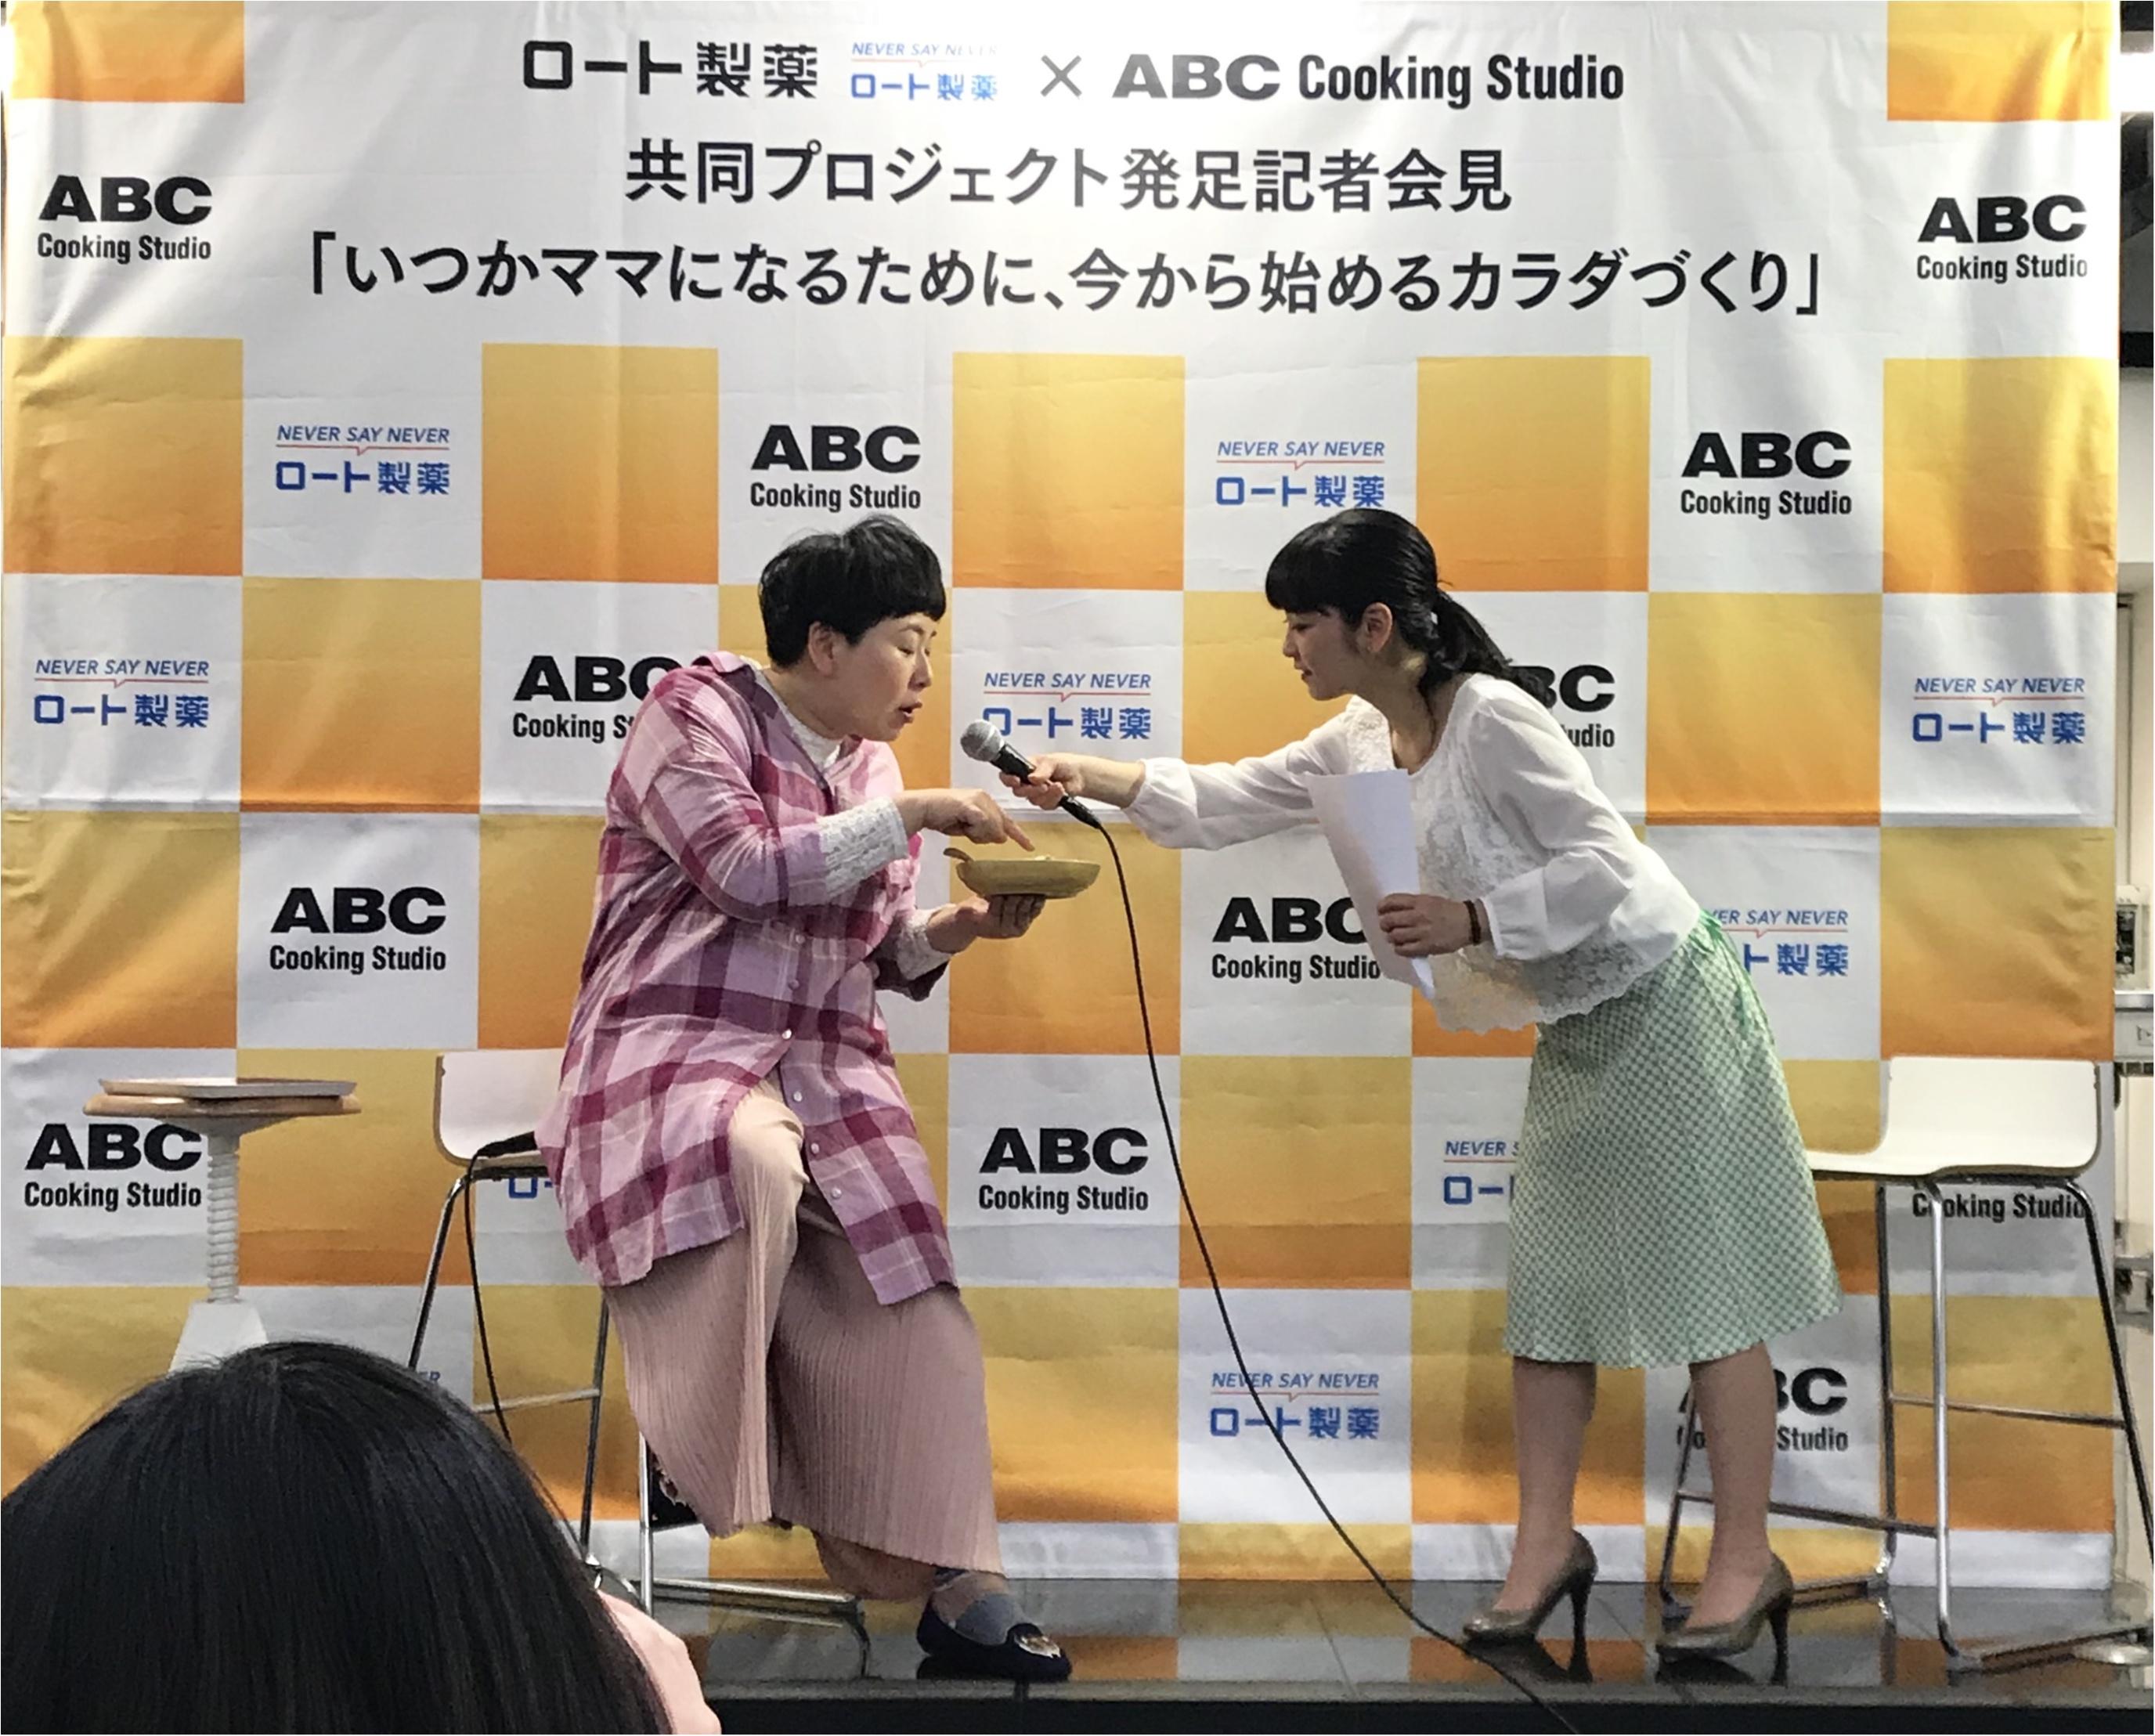 大島美幸さんが応援! いつかママになりたい女子のための『ロート製薬』×『ABCクッキングスタジオ』異色コラボセミナー_3_1